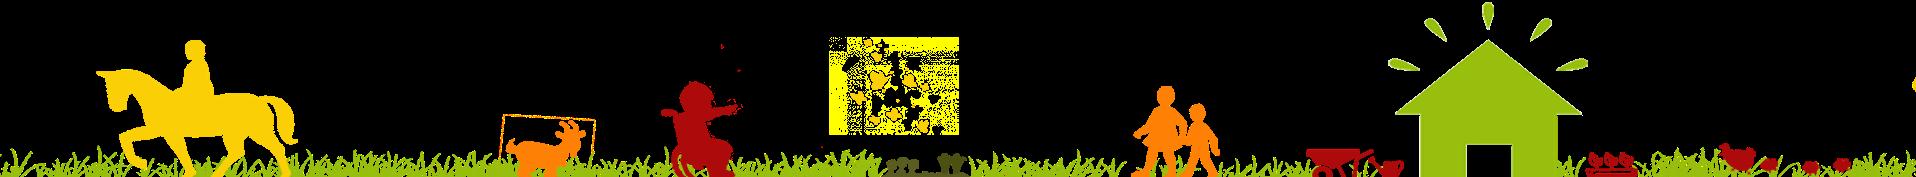 ferme pédagogique des 3 Sources - Trois Sources - Animations pédagogiques - écoles - Sancoins - Nevers - Bourges - Moulins